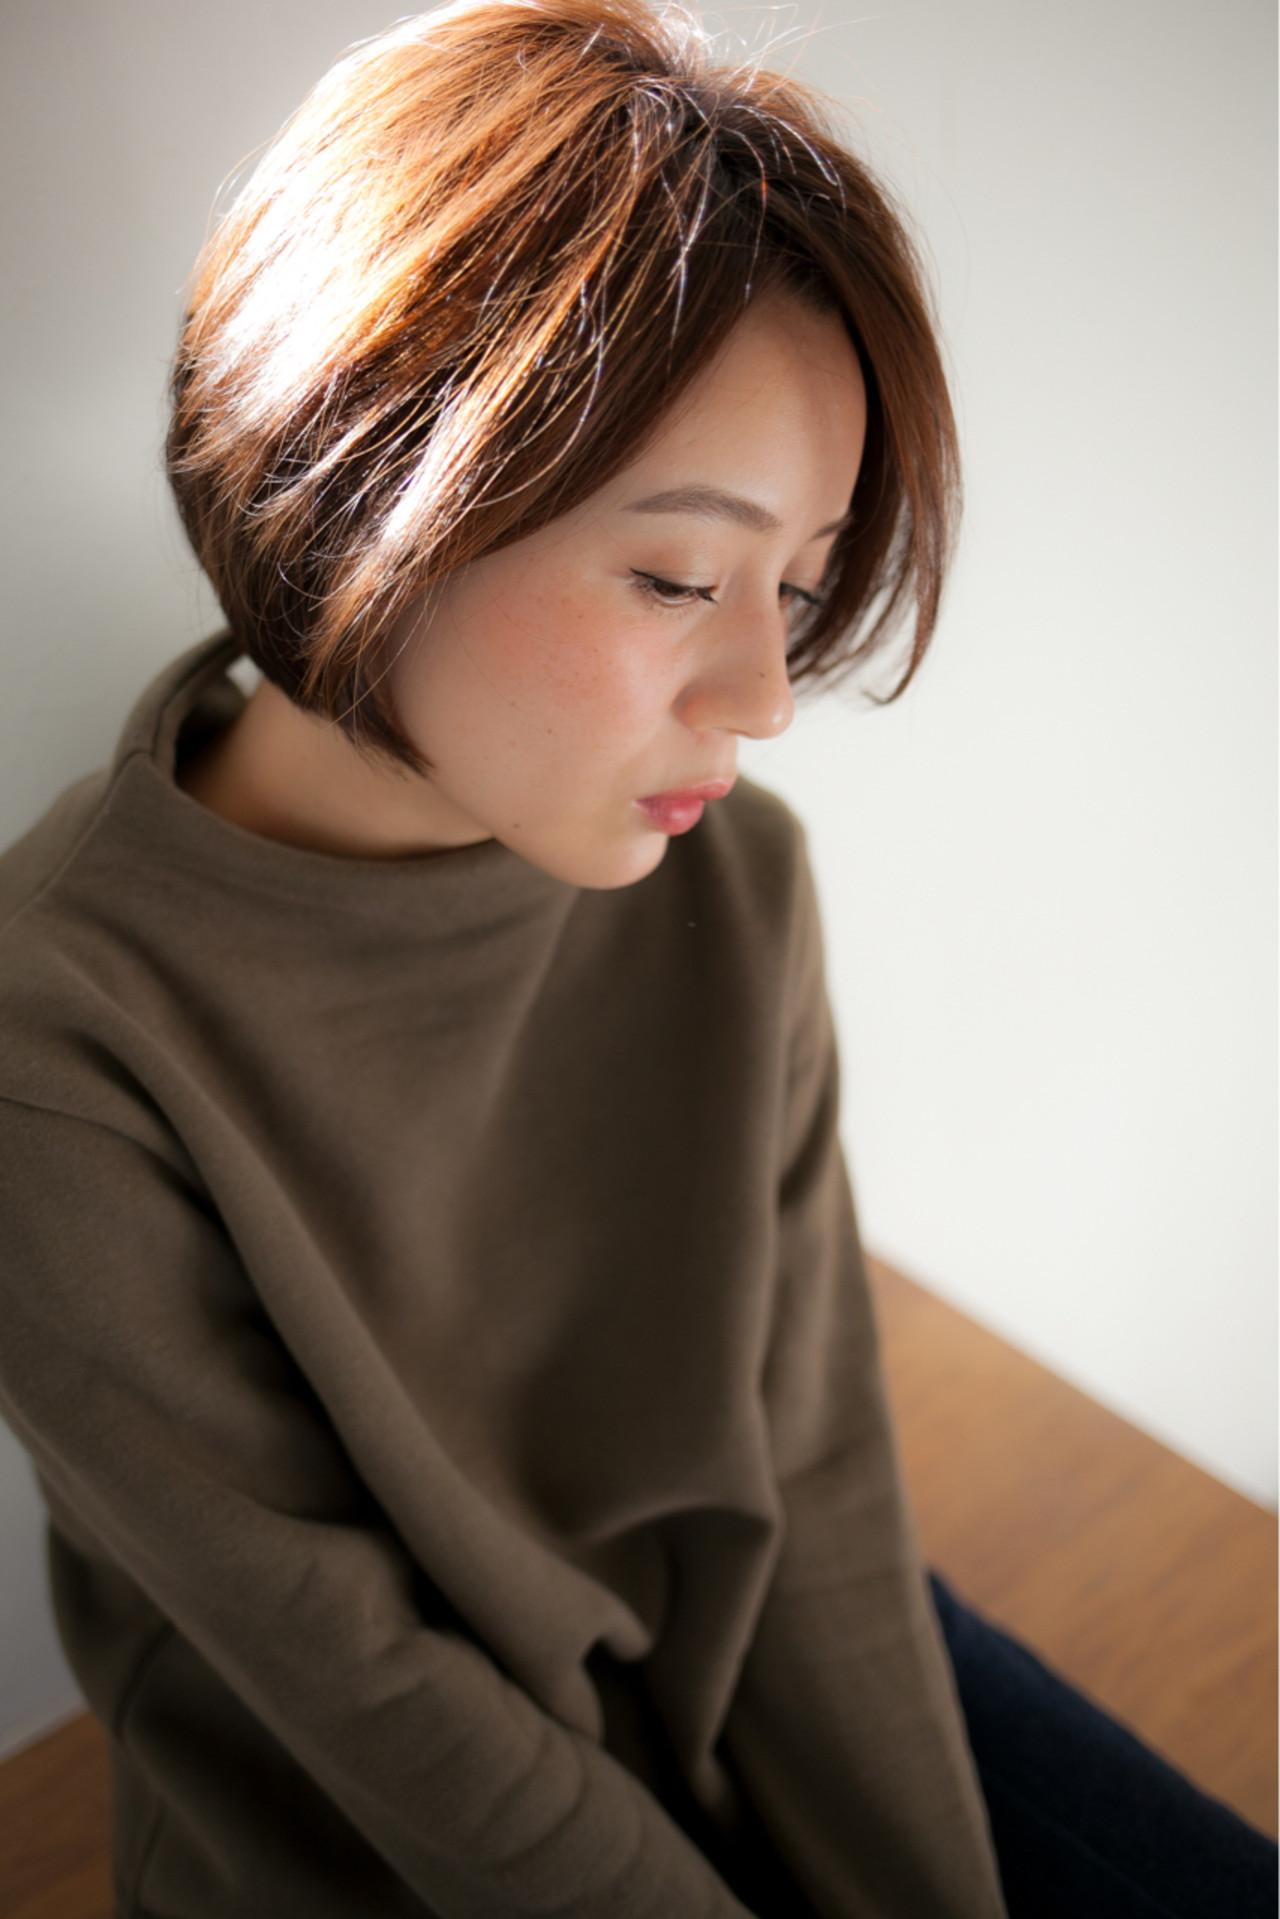 小顔 ナチュラル こなれ感 色気 ヘアスタイルや髪型の写真・画像   高田 紘希 / Rr hair salon